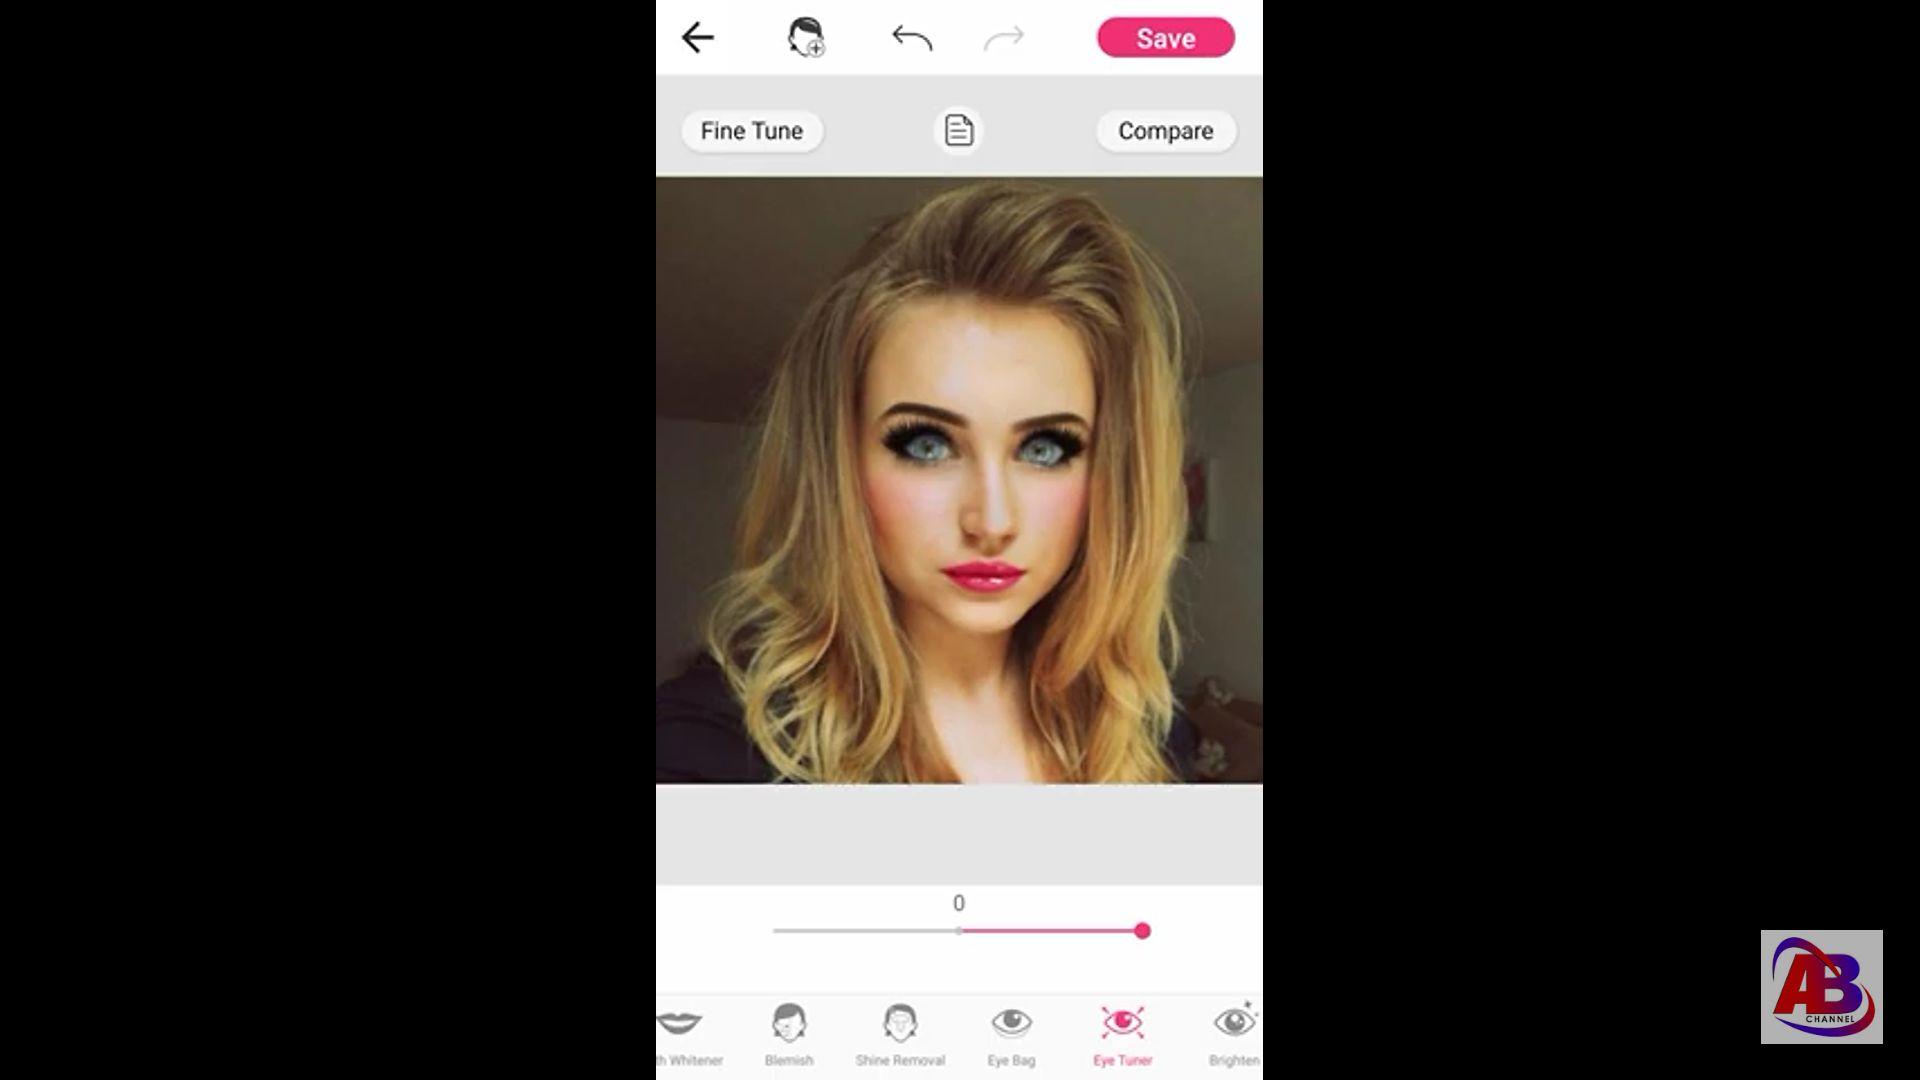 YouCam Makeup maquillaje  para una selfie de portada AB Channel  2020, Herramienta de tamaño de ojos.